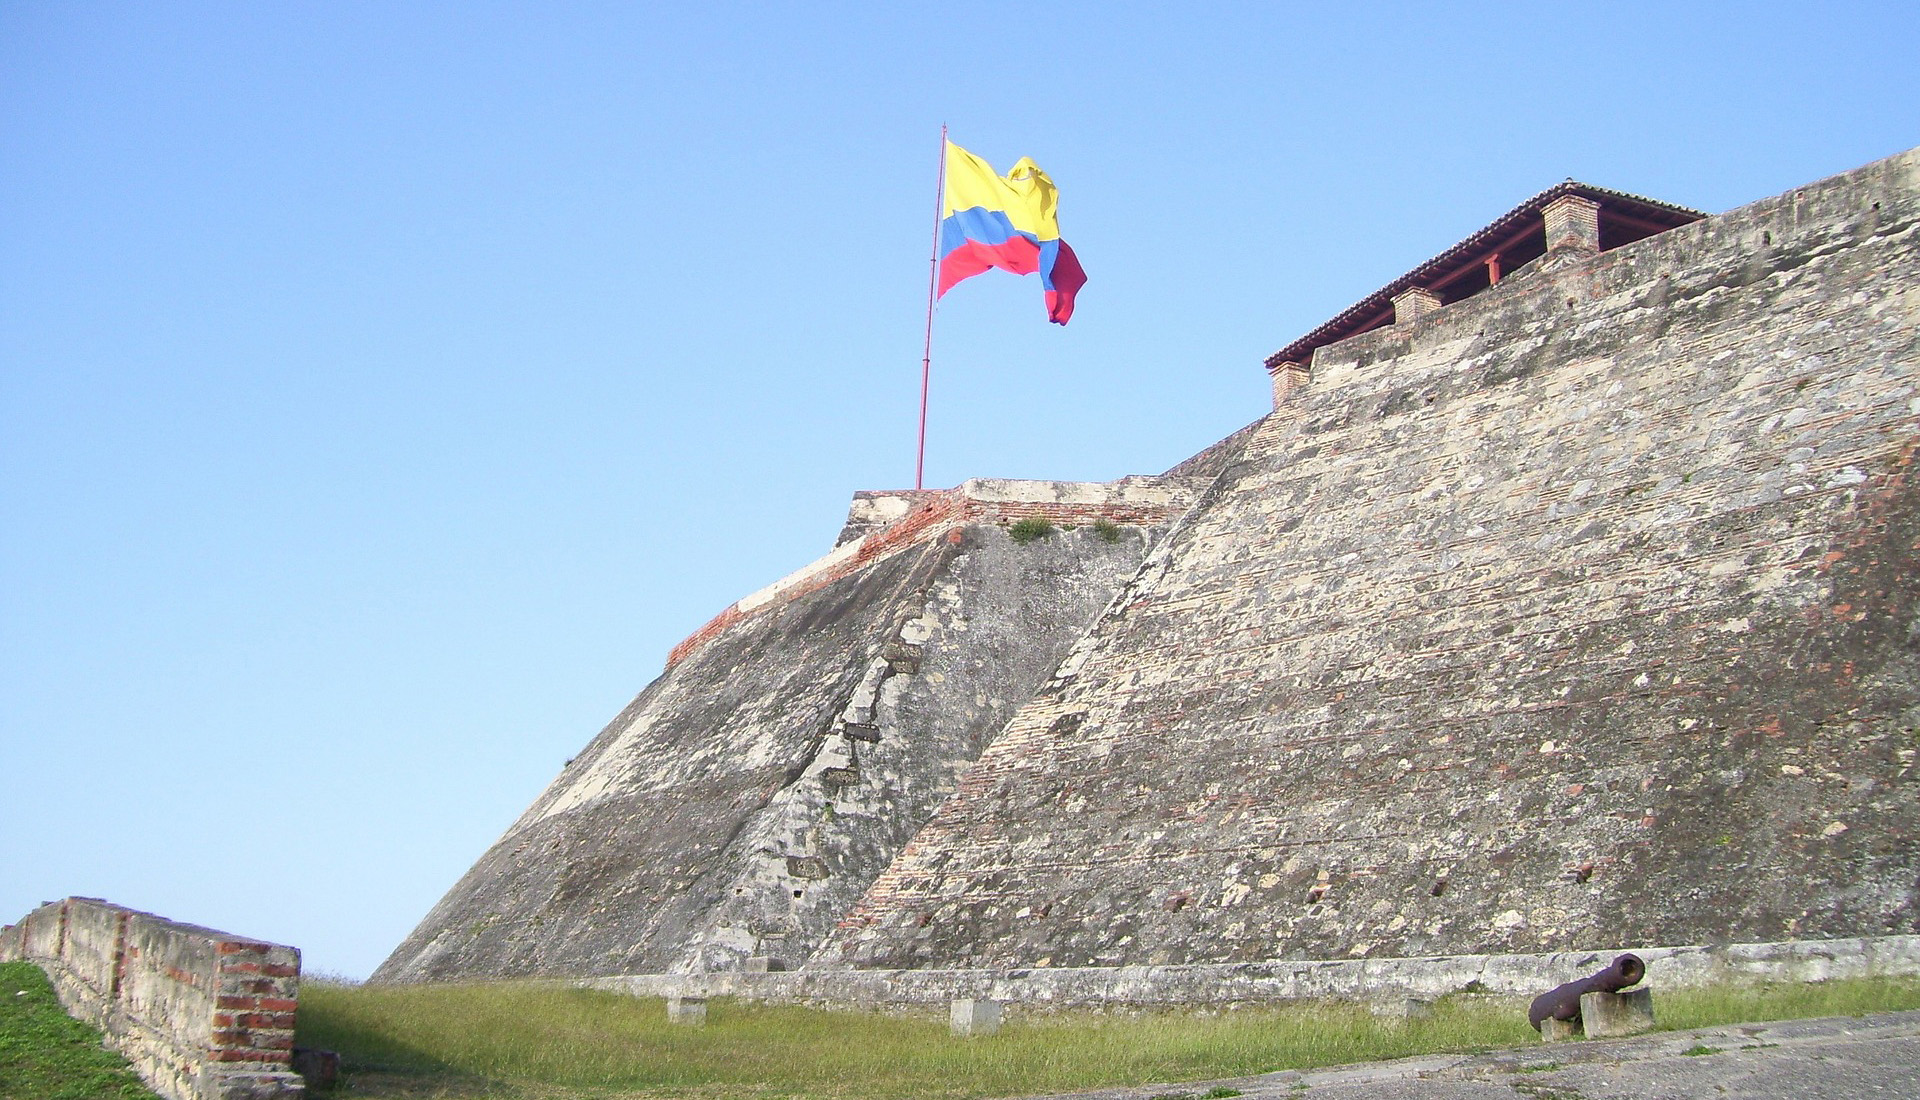 COLOMBIA DEMANDA UN CAMBIO URGENTE EN POLÍTICA